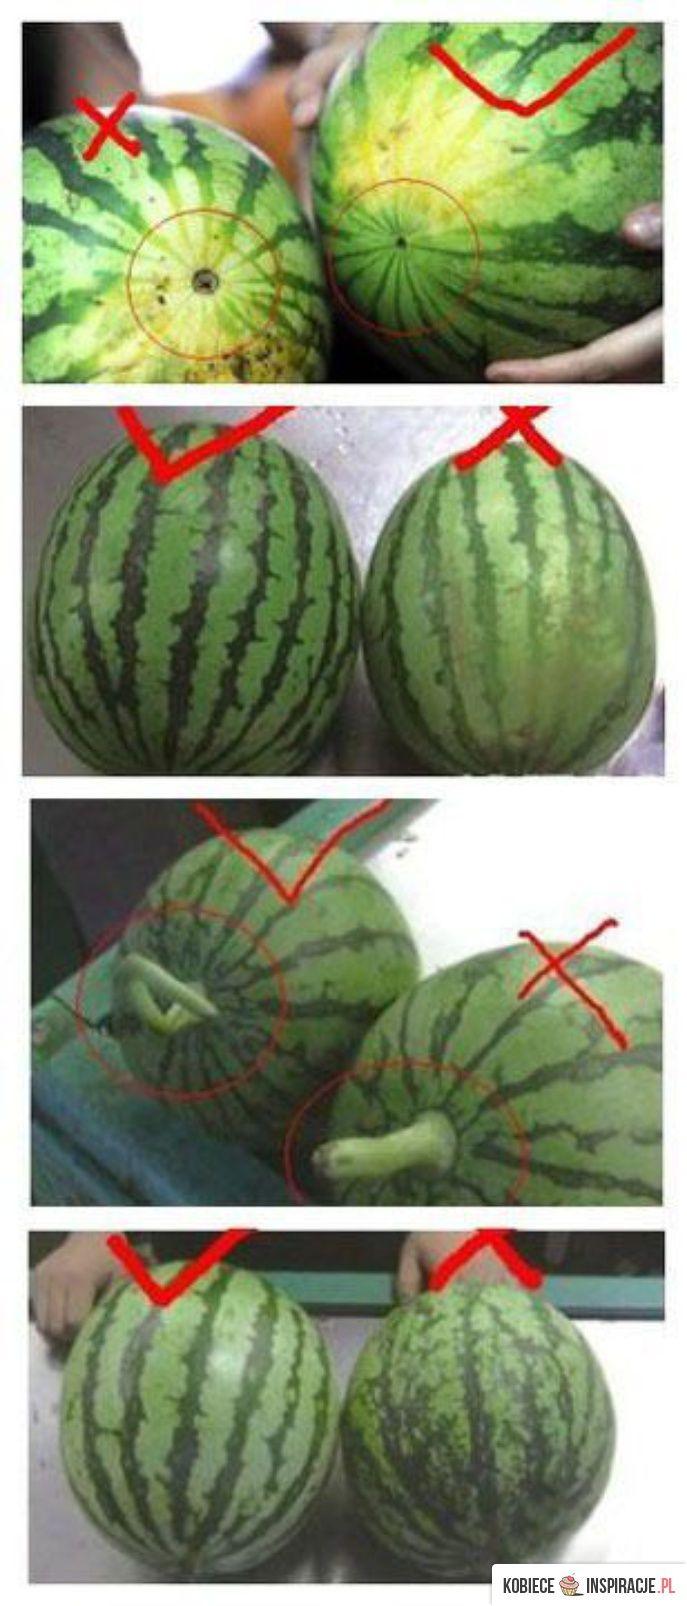 Jak wybrać słodszego arbuza - Kobieceinspiracje.pl ( słodki to znaczek v )